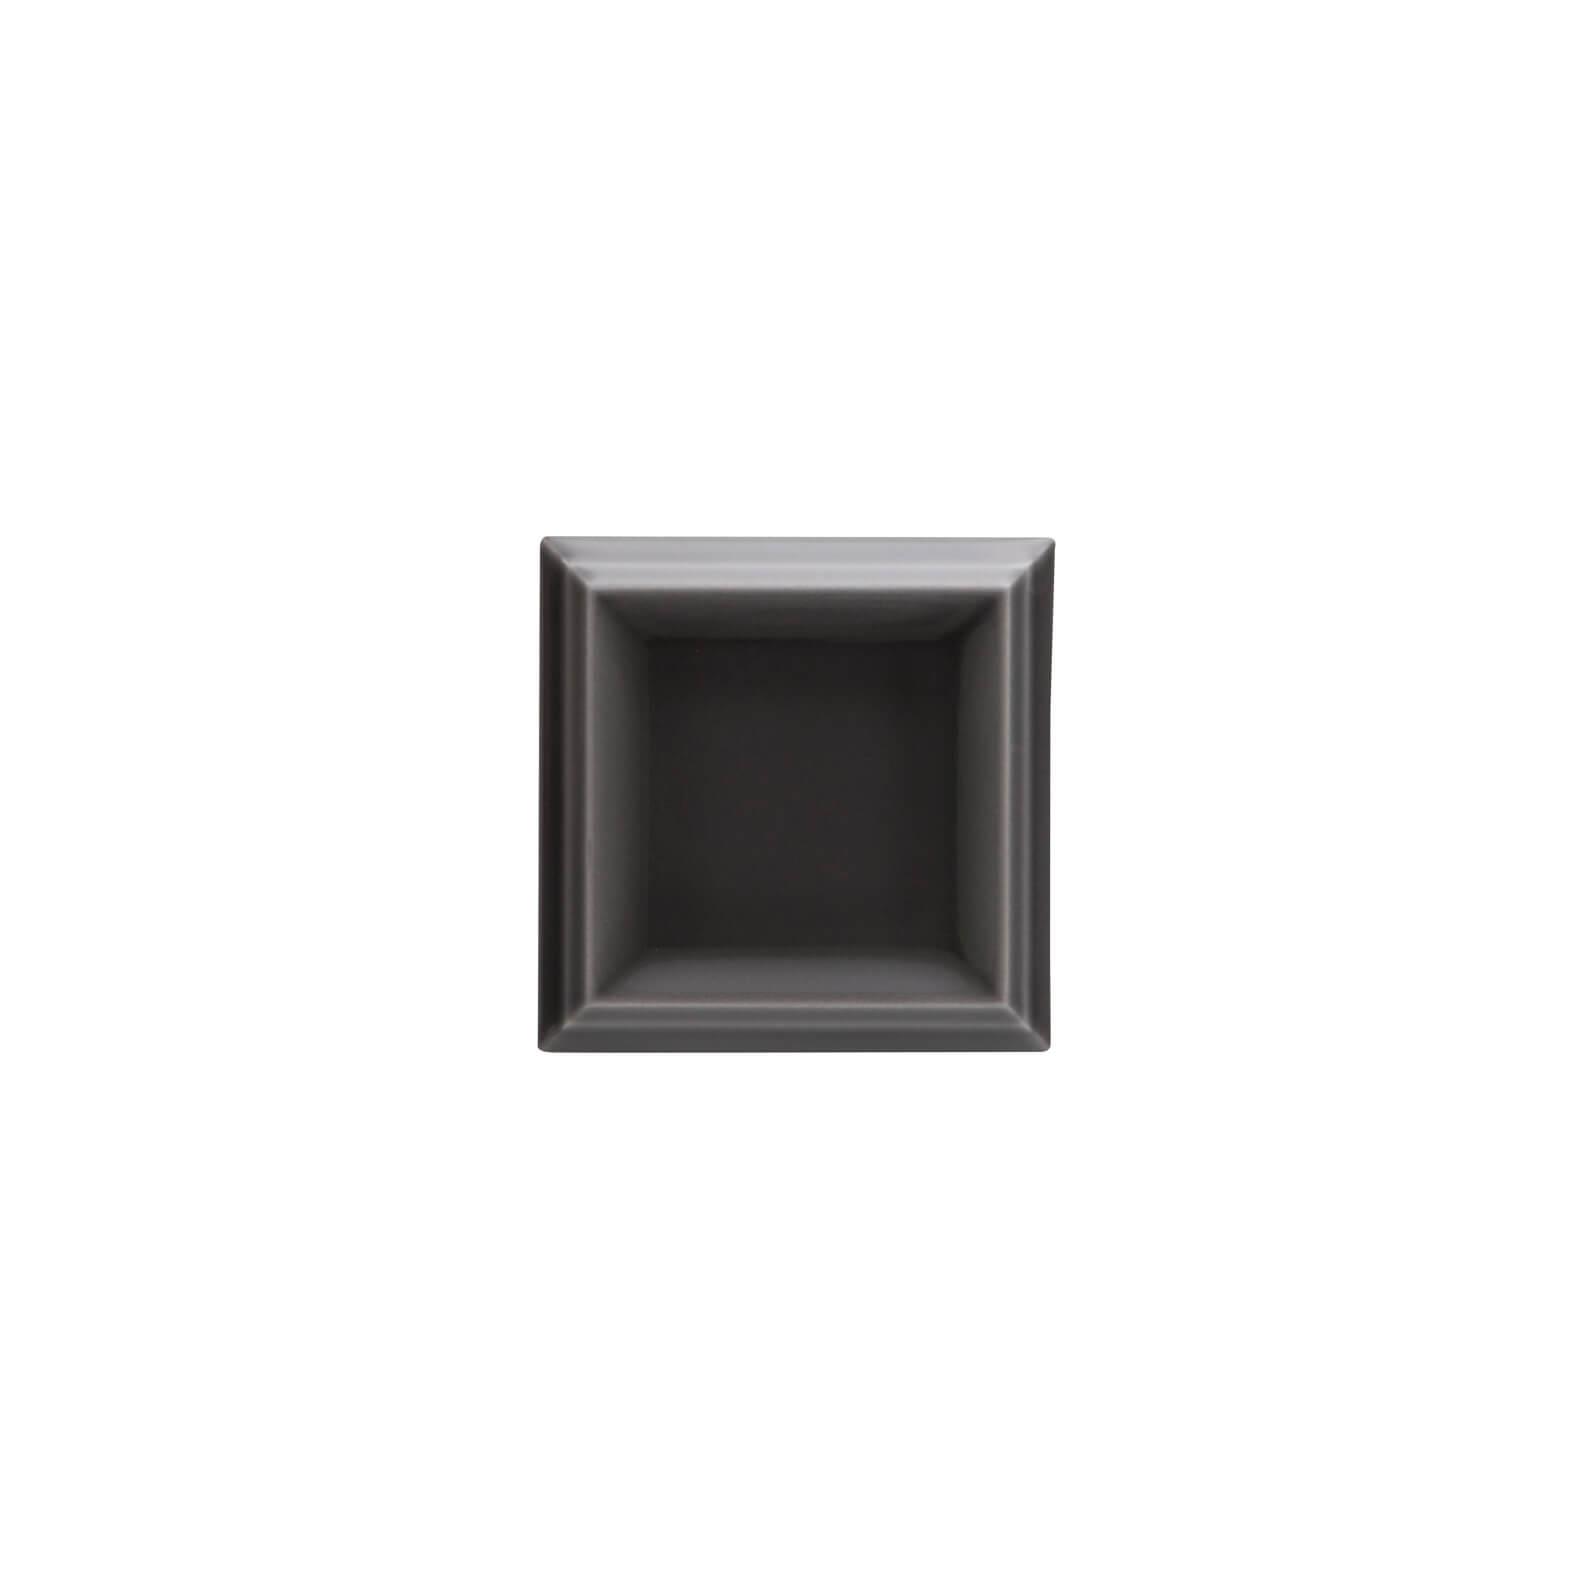 ADST1083 - LISO FRAMED - 7.3 cm X 7.3 cm